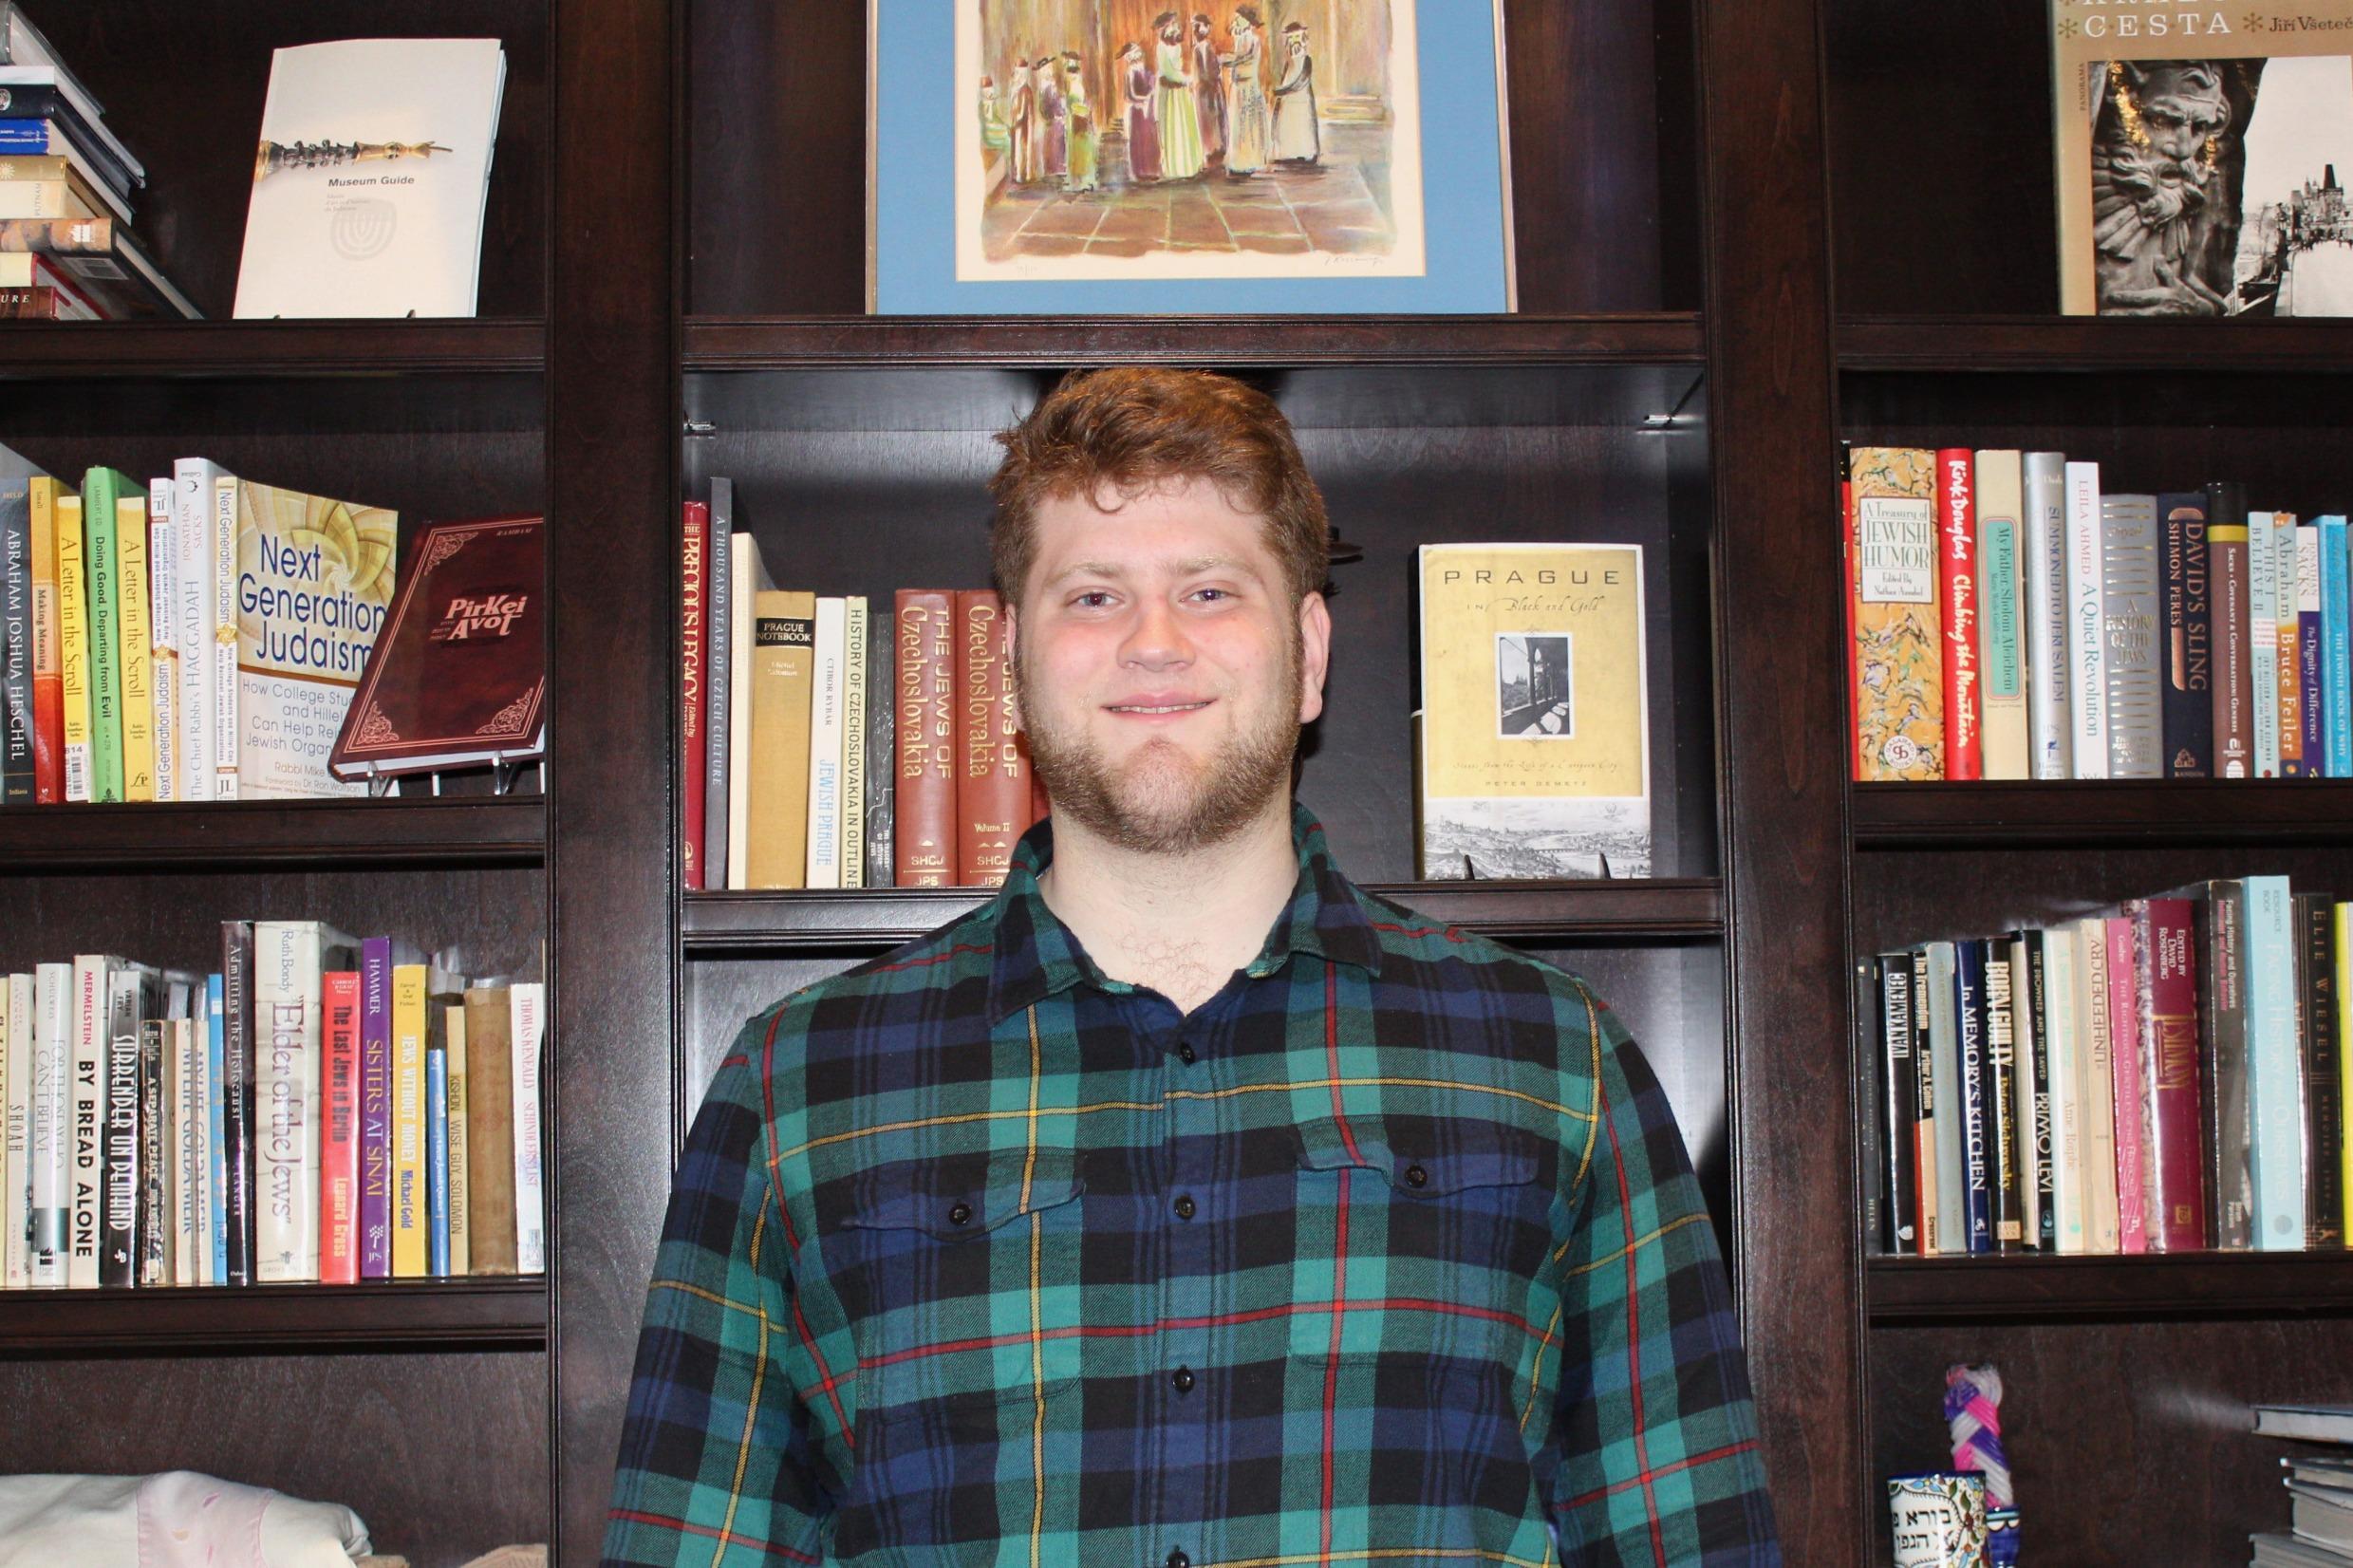 Harris Edenbaum